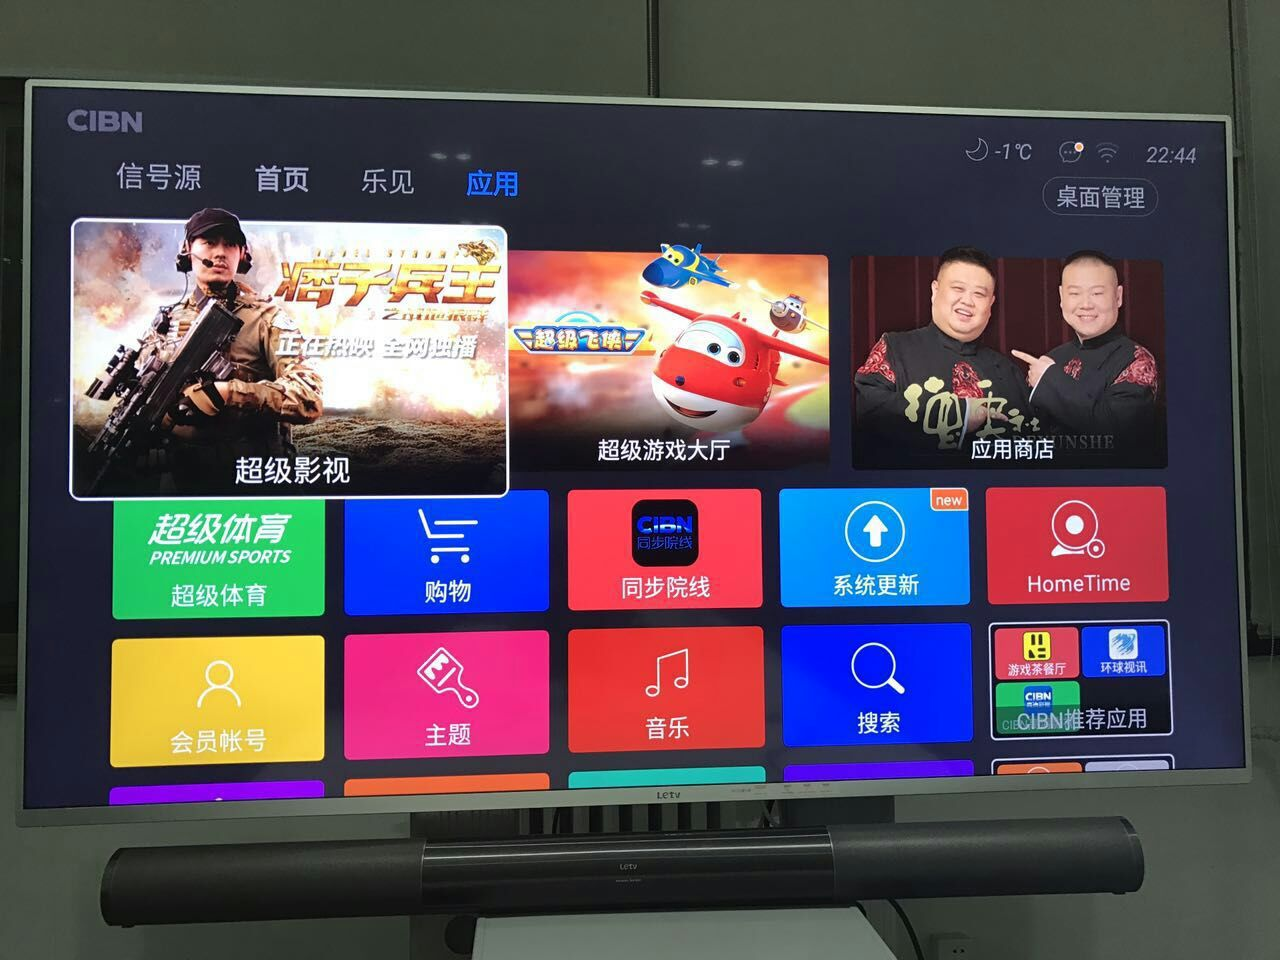 TV端 应用icon